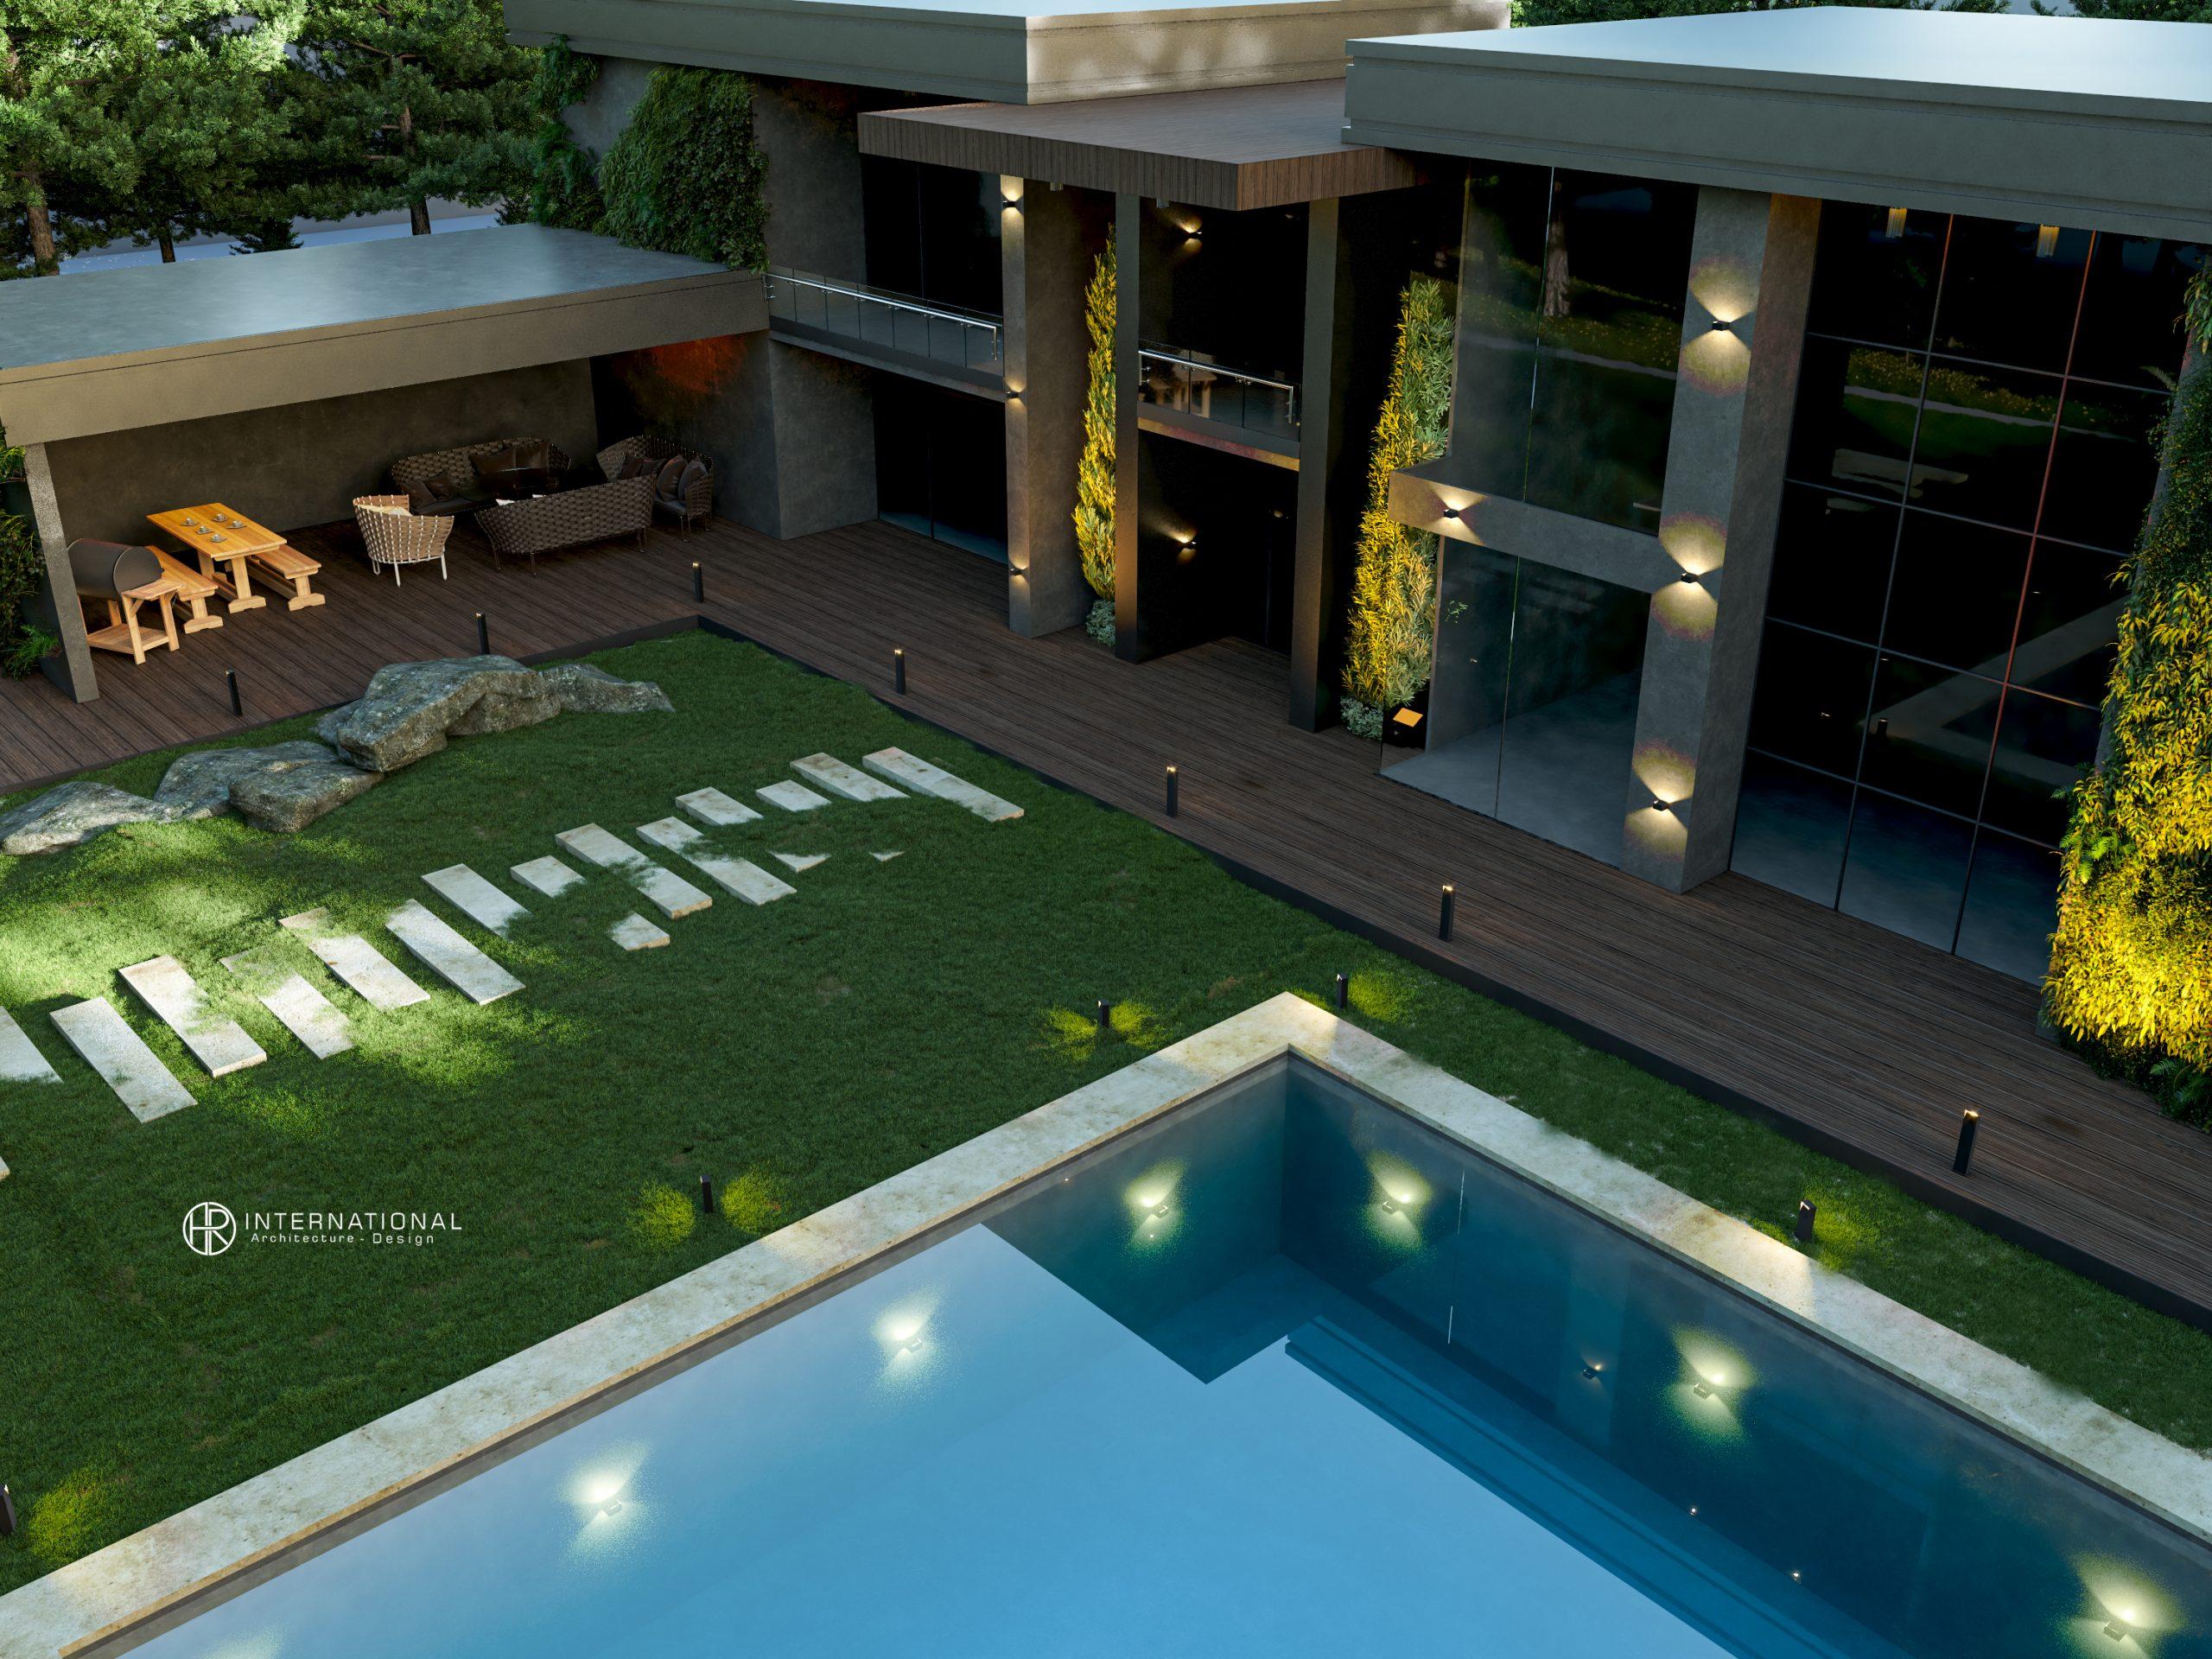 FOREST VILLA EXTERIOR DESIGN - swimming pool - top view - grass - villa design - HRarchZ